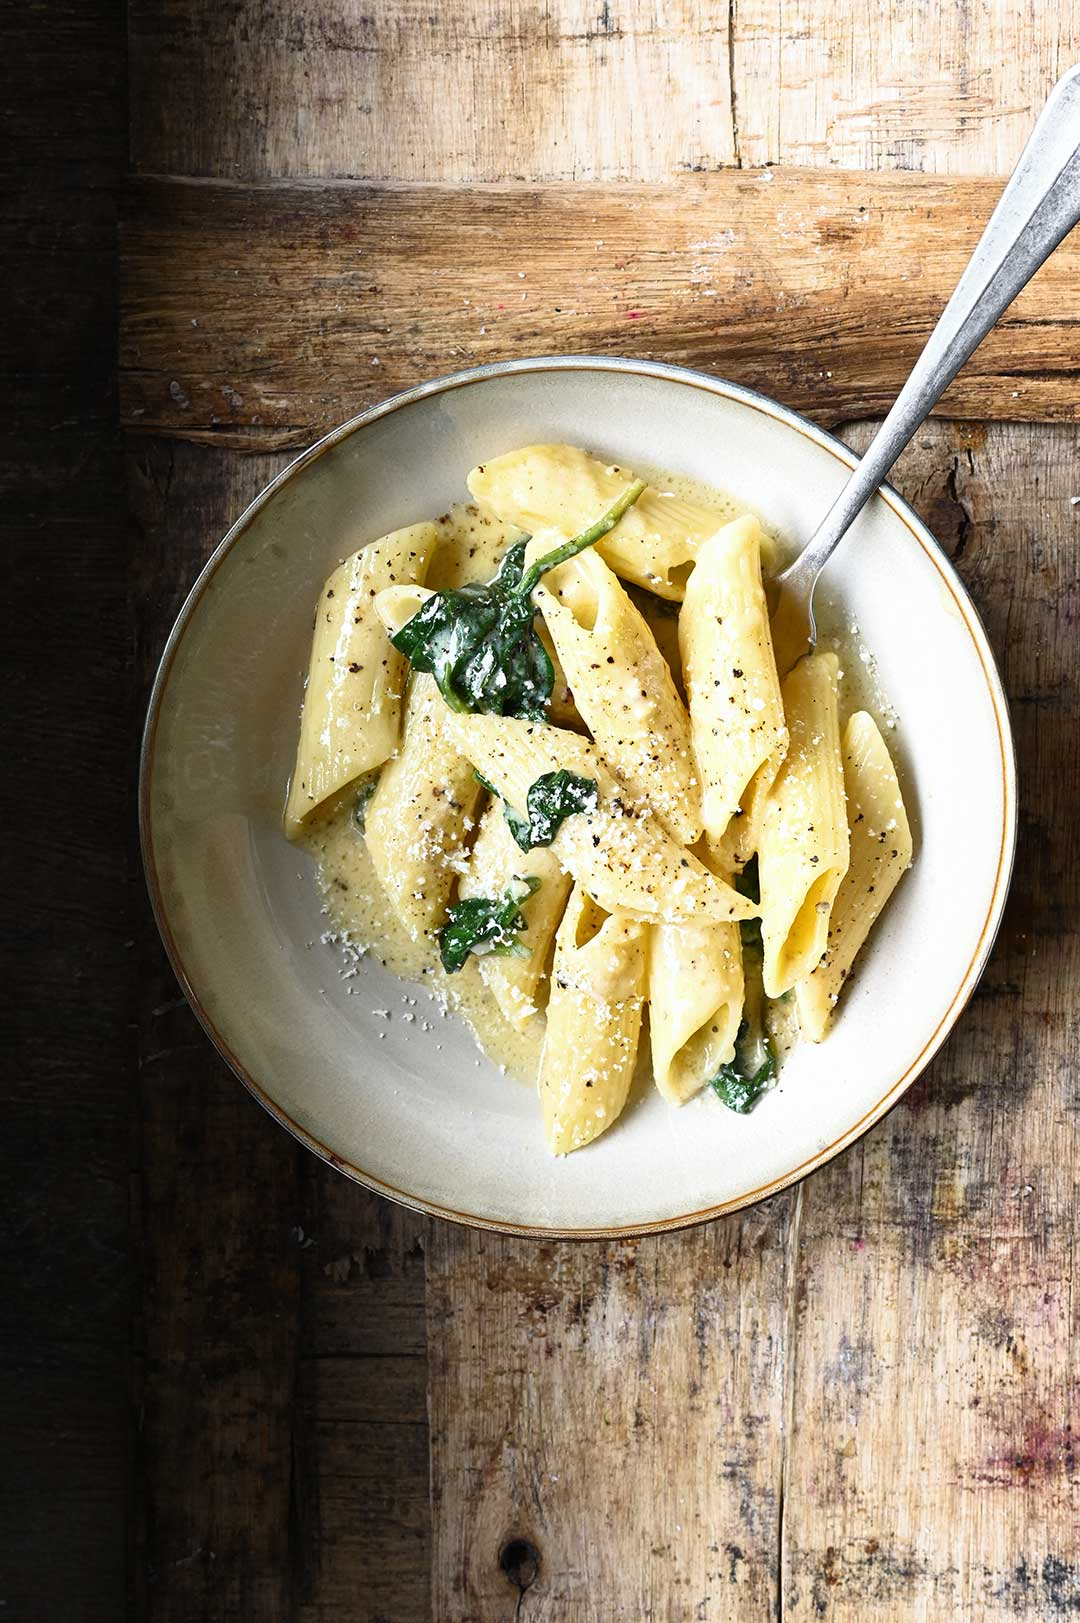 serving dumplings | Pasta met Parmezaanse kaas en spinazie